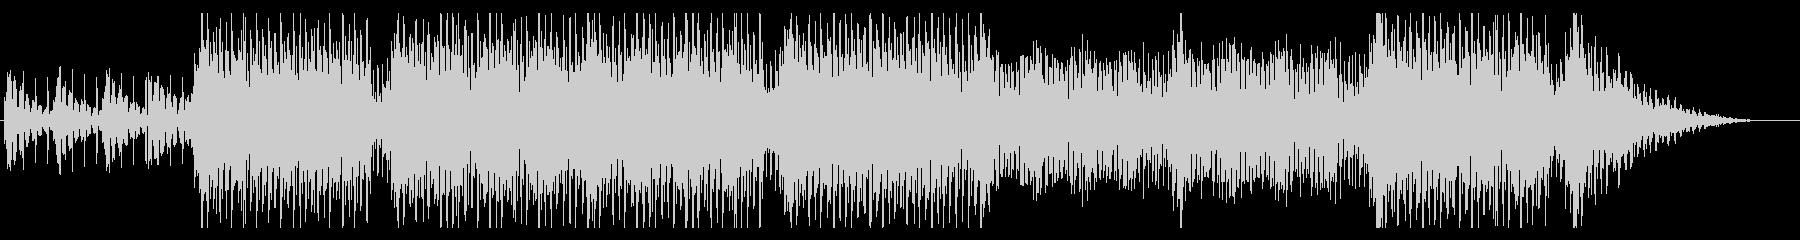 ムーディーなクワイア・ボーカル曲の未再生の波形